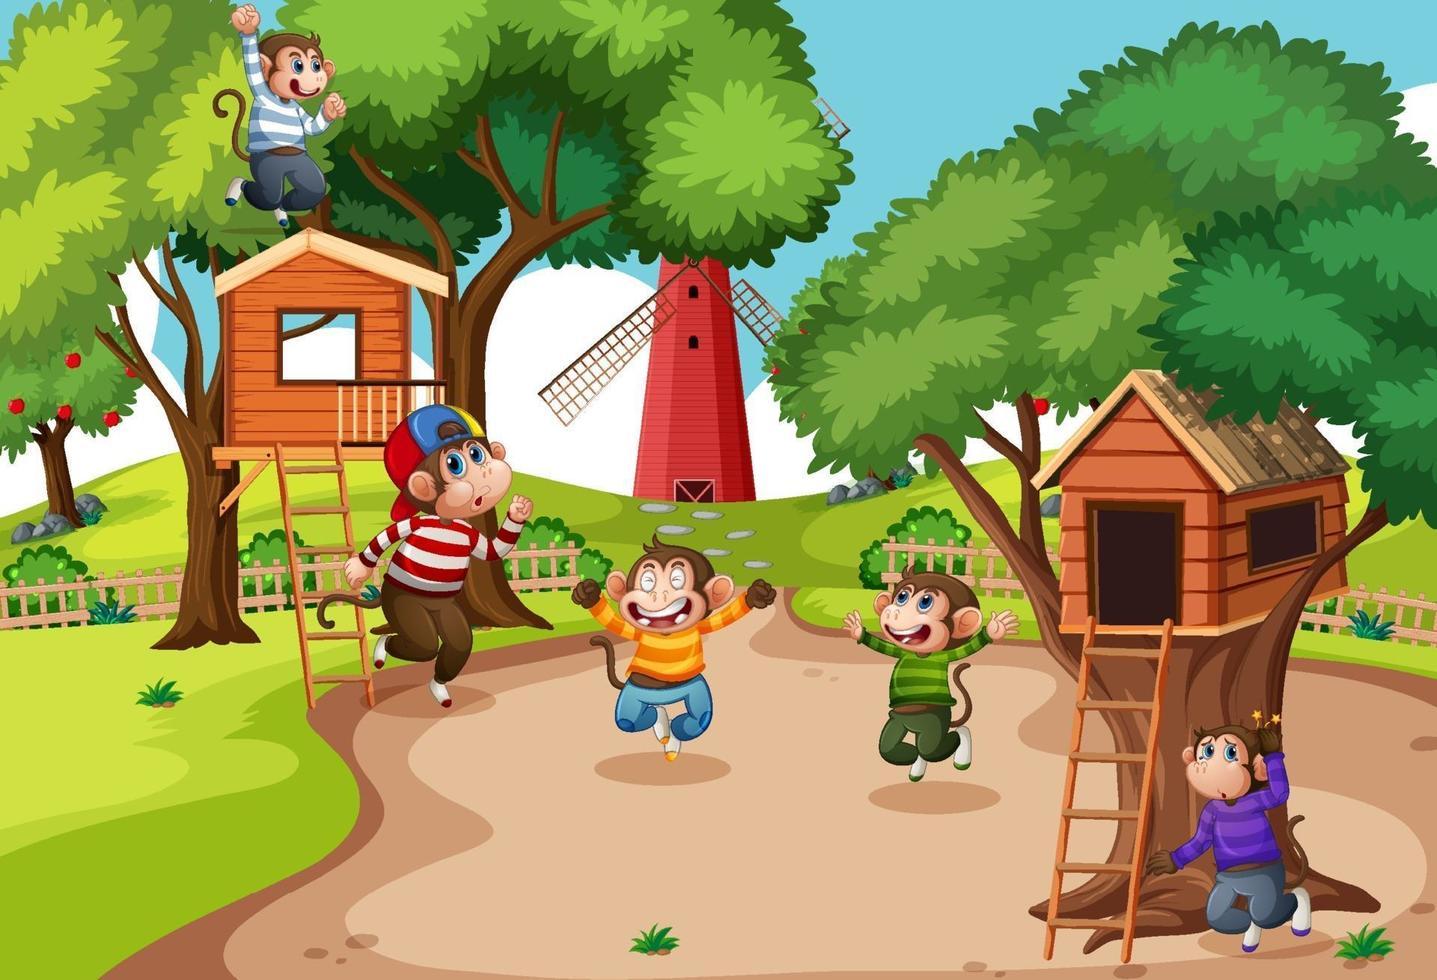 cinq petits singes sautant dans la scène de l'aire de jeux du parc vecteur